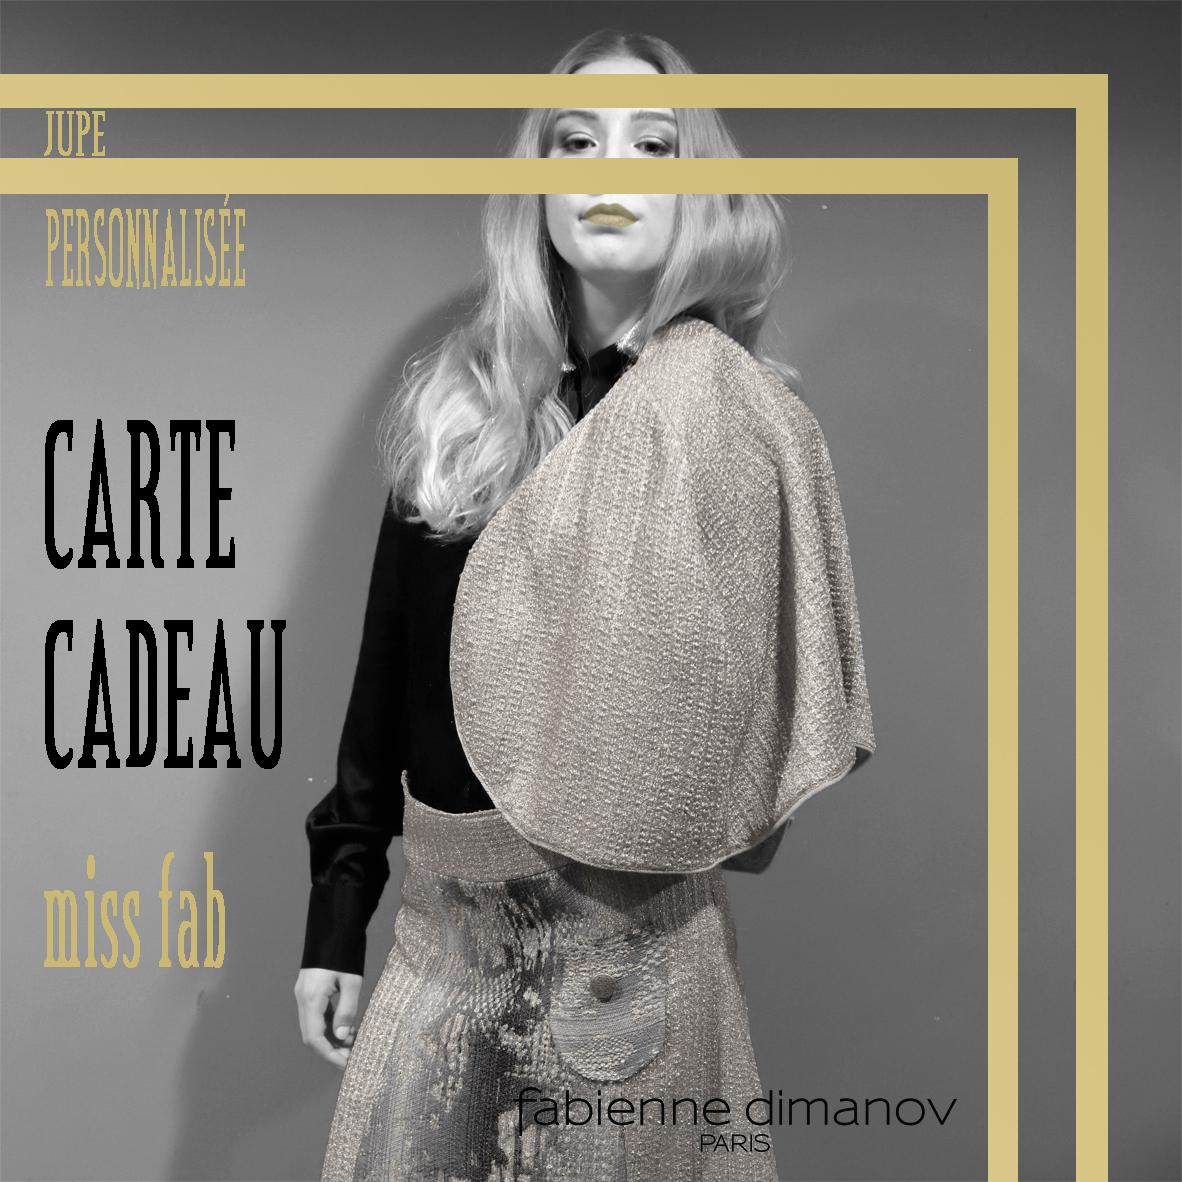 CARTE JUPE CADEAU miss fab- JUPE PERSONNALISÉE - Fabienne Dimanov Paris